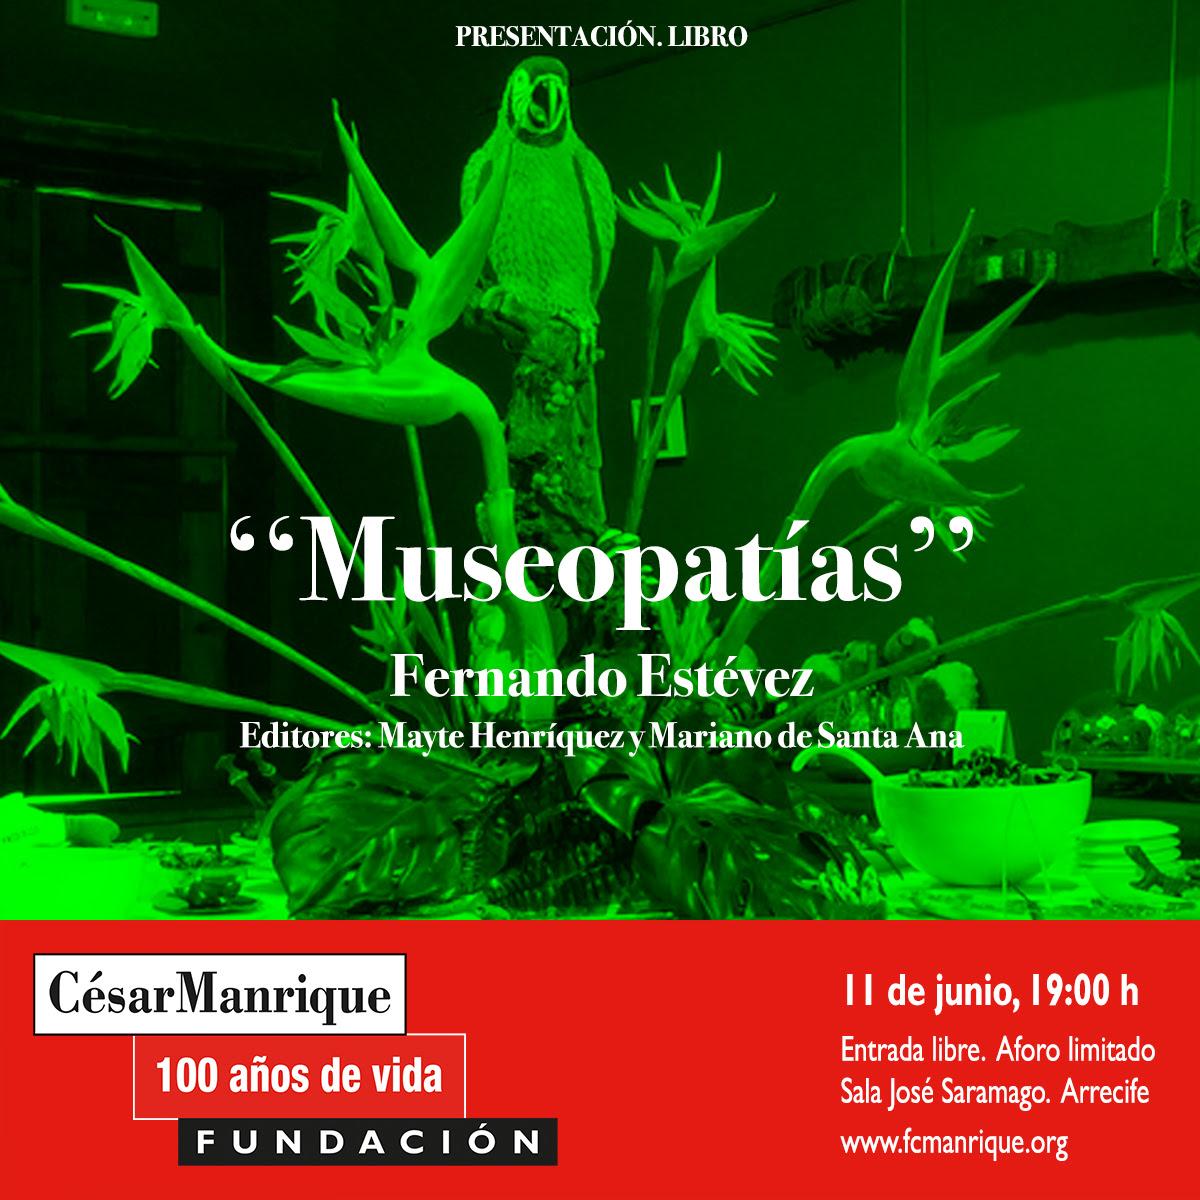 """La Fundación César Manrique presenta el libro """"Museopatías"""" de Fernando Estévez en el marco del centenario del nacimiento de su fundador"""